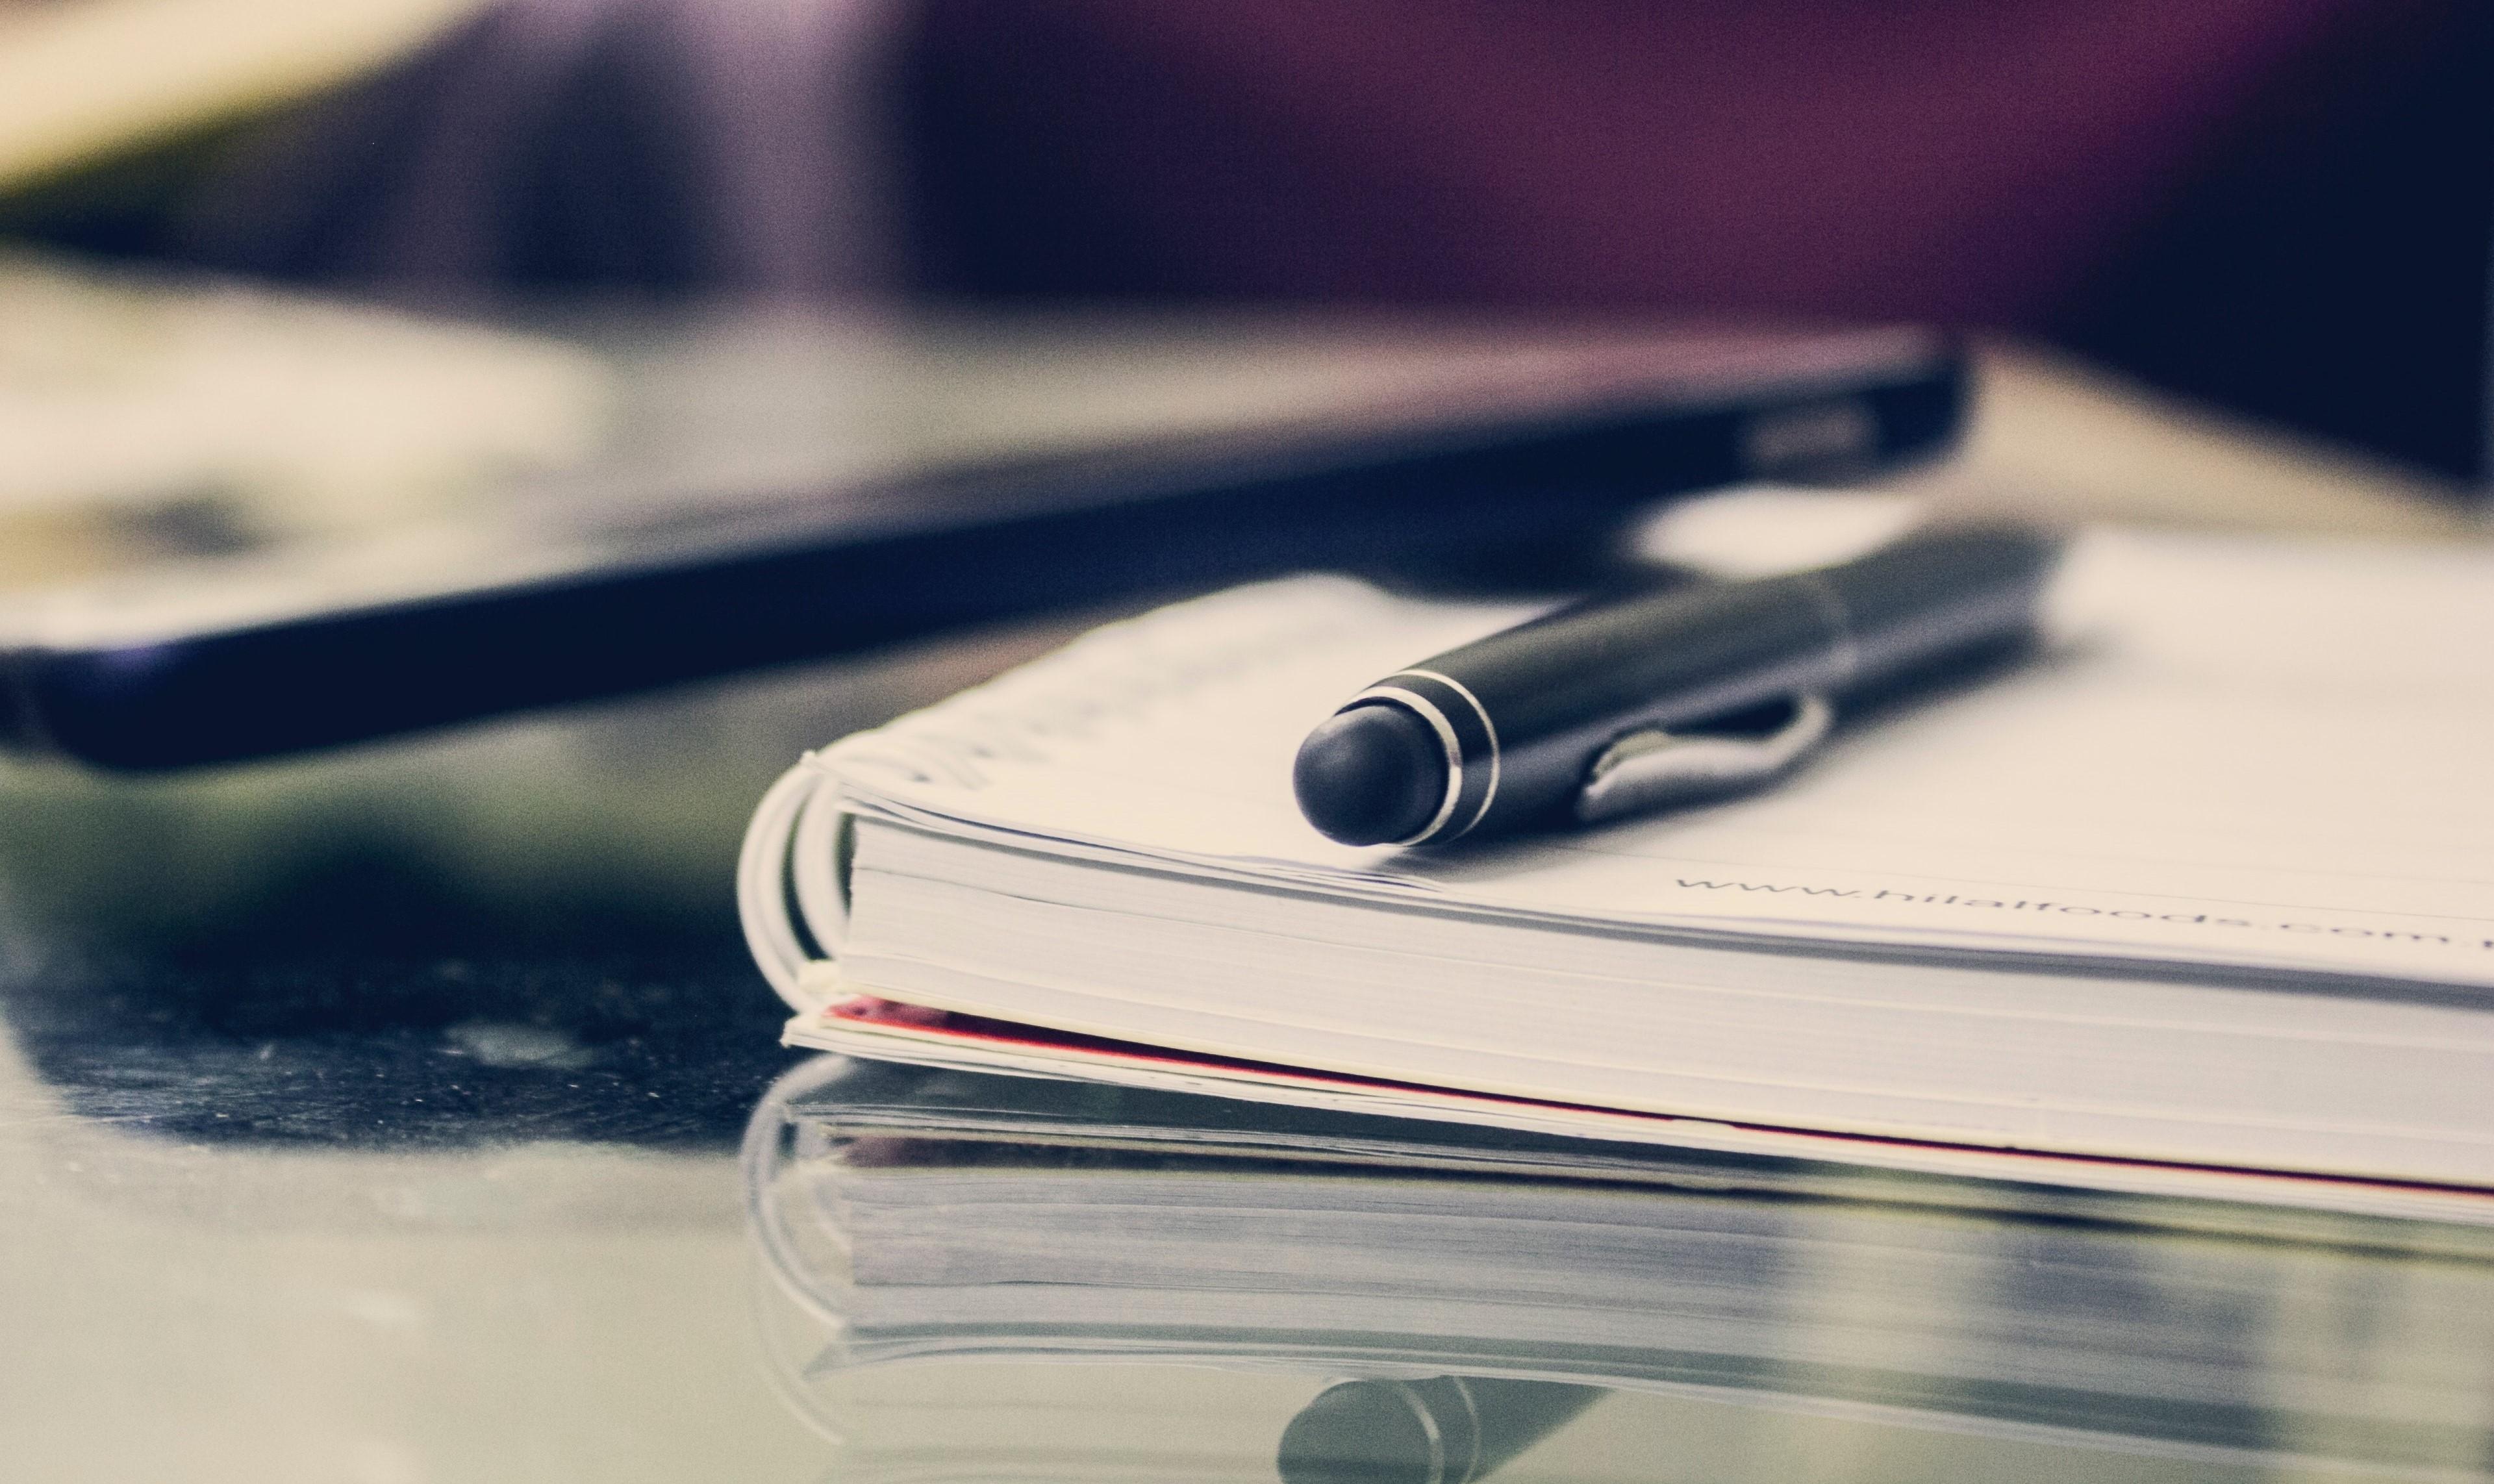 black-twist-pen-on-notebook-891059 2